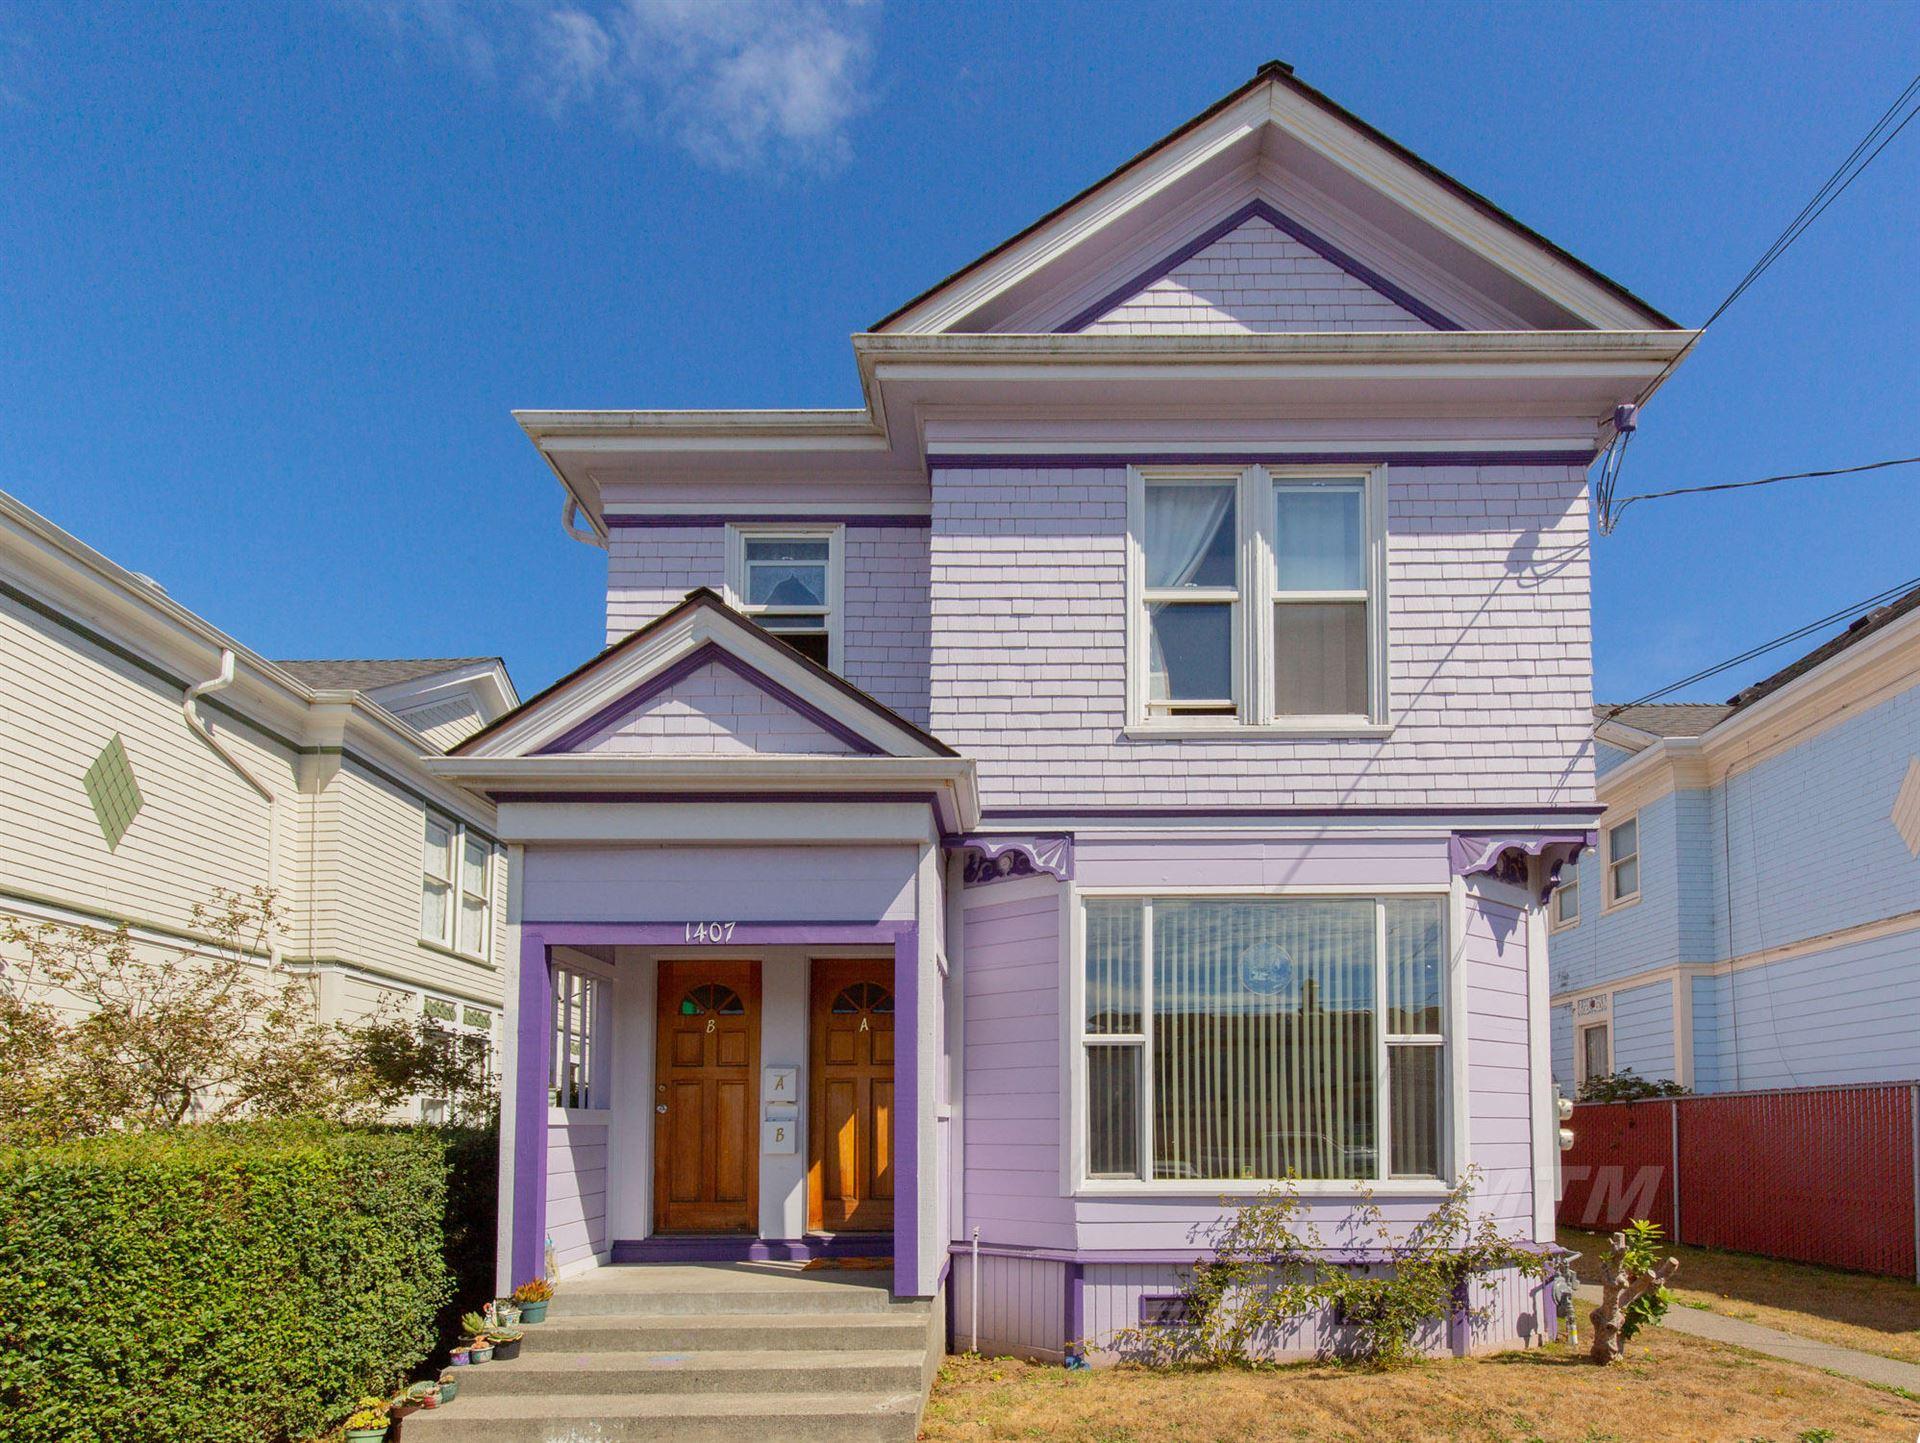 1407 J Street, Eureka, CA 95501 - MLS#: 257426